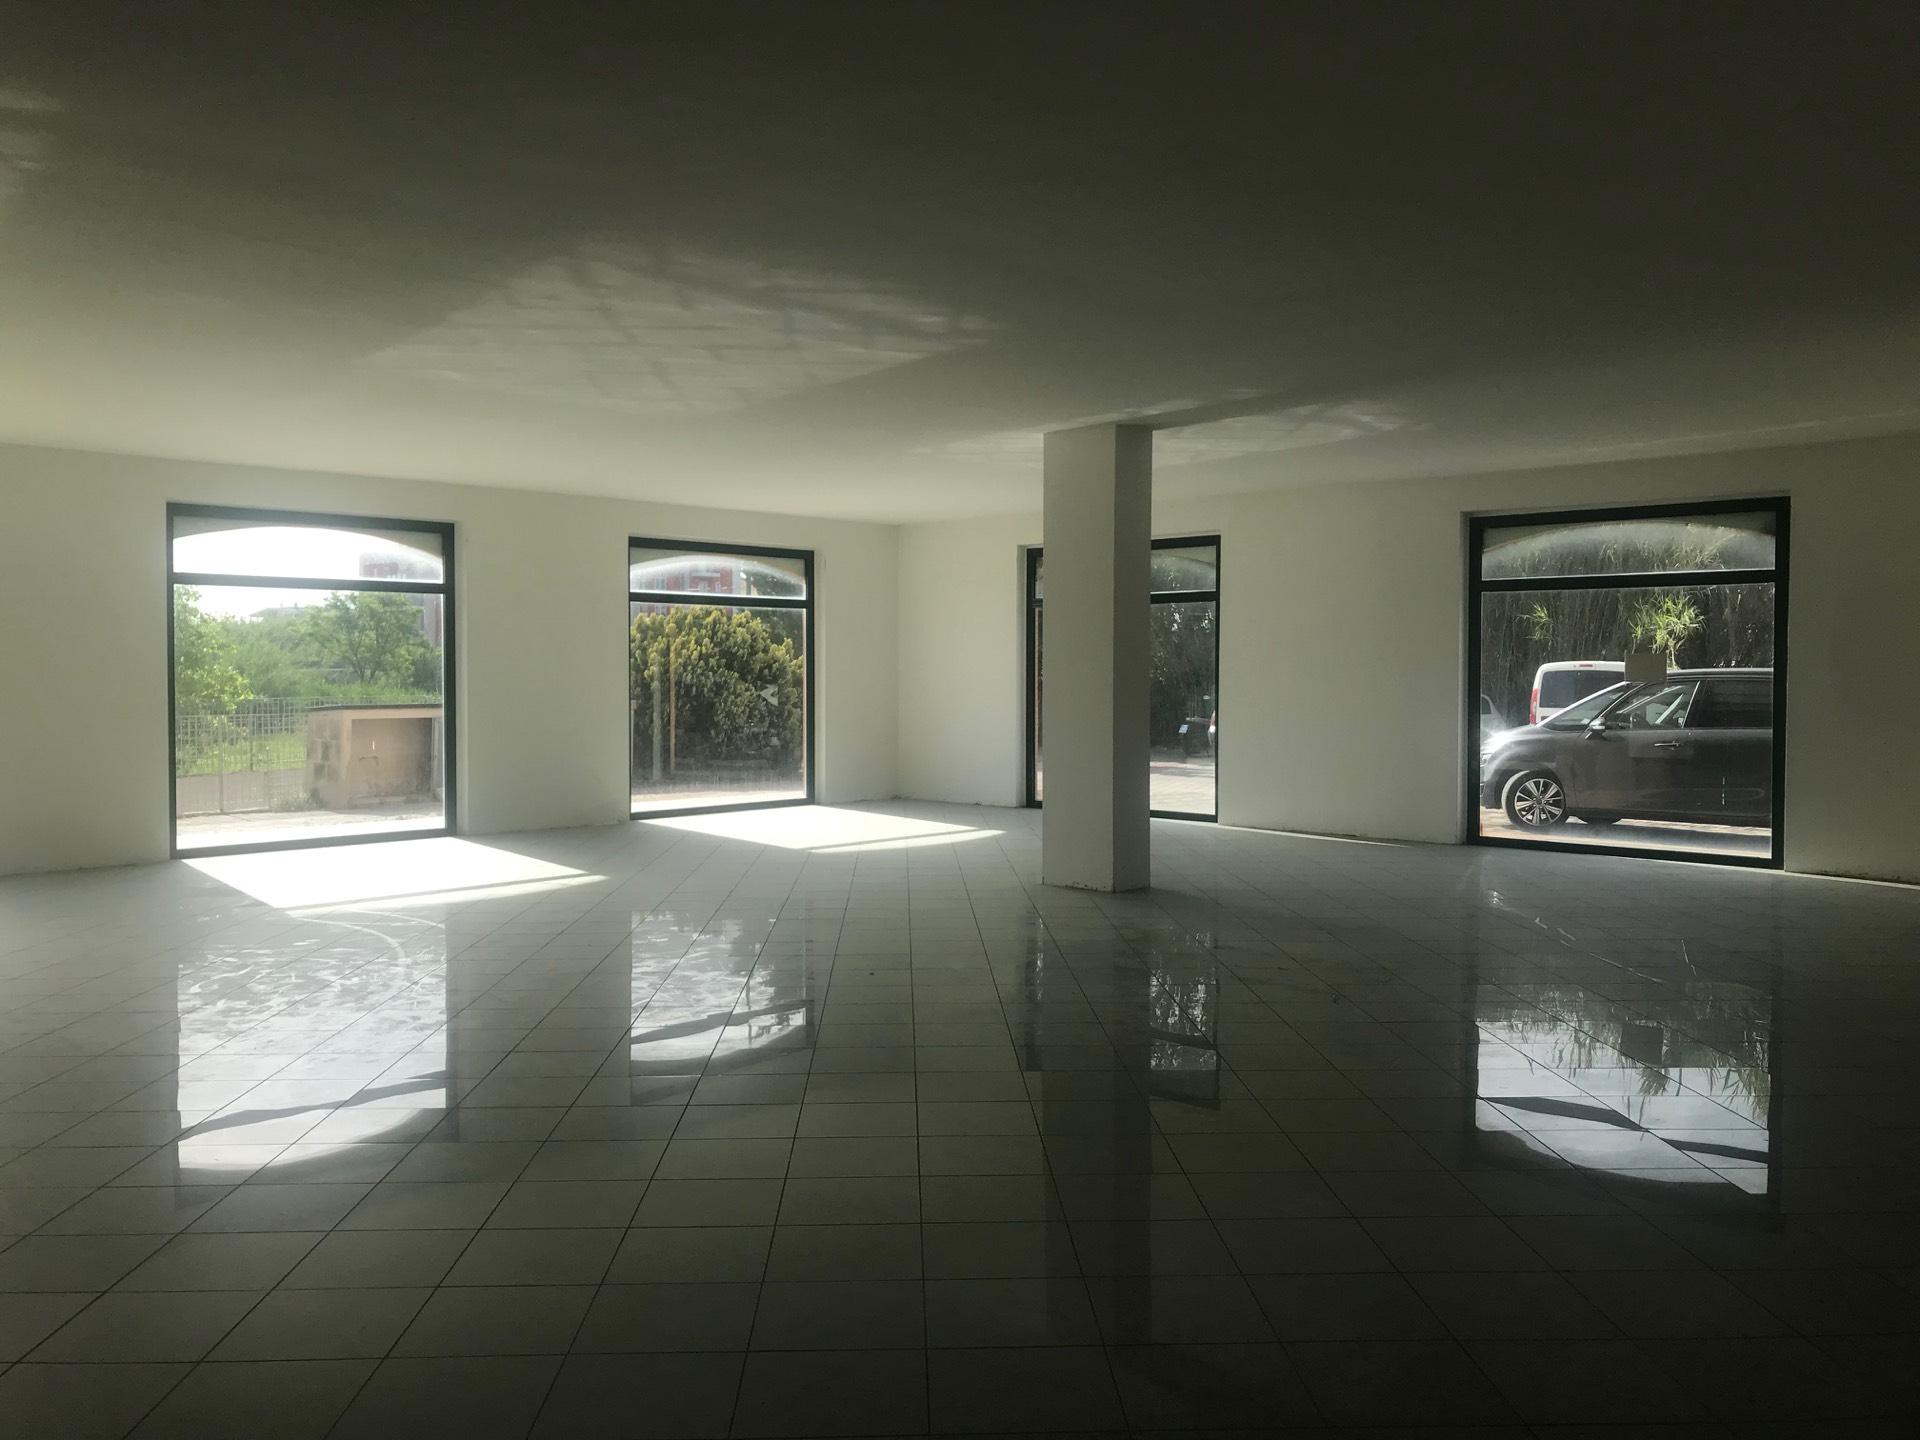 Negozio / Locale in affitto a Tortoreto, 9999 locali, prezzo € 500 | CambioCasa.it